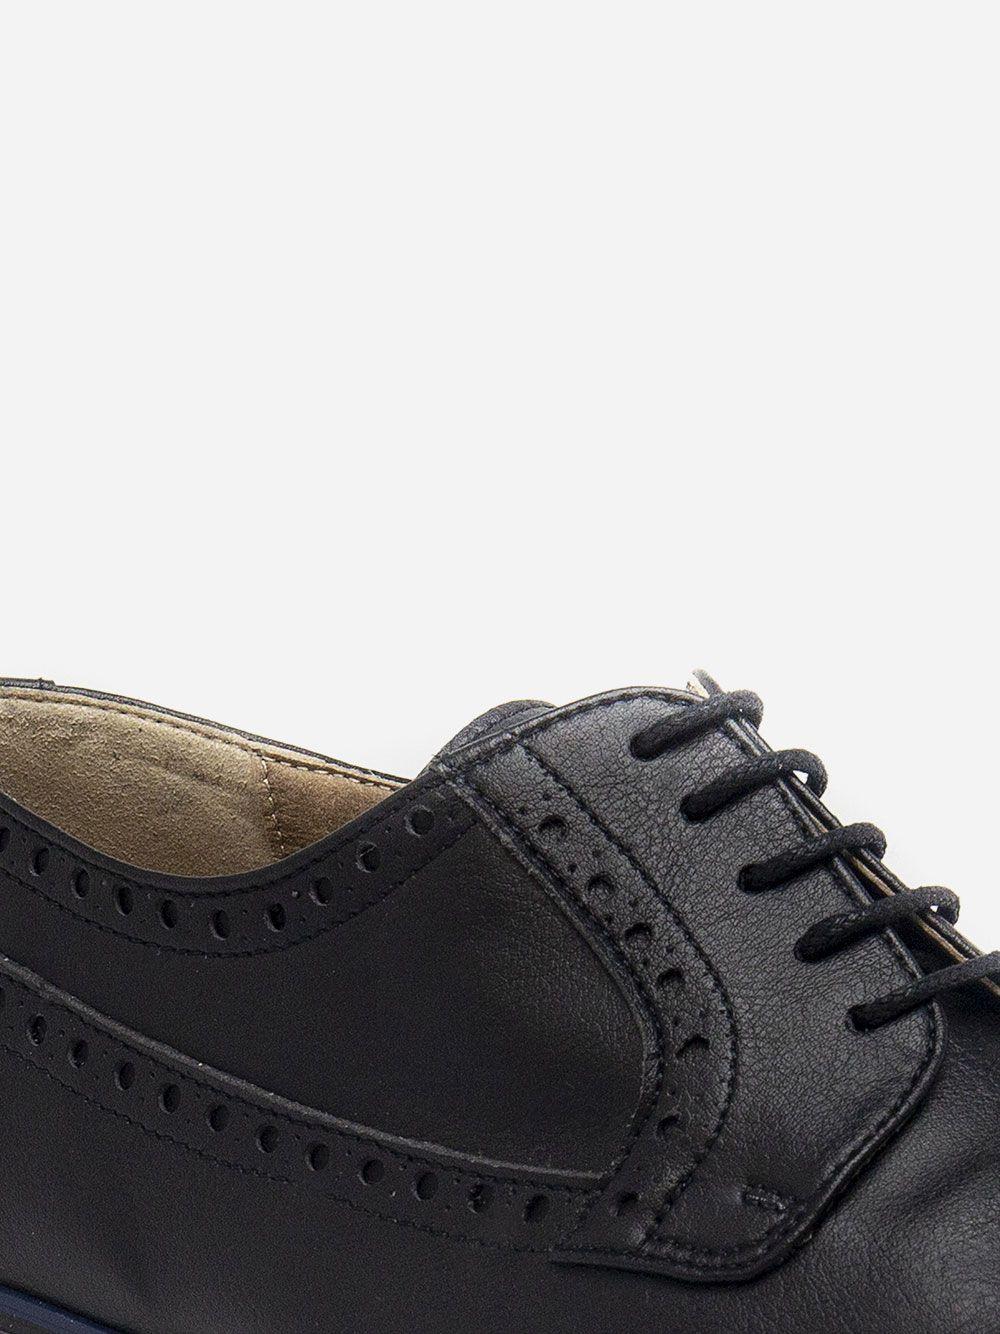 Sapatos Pretos Eric  | Nae